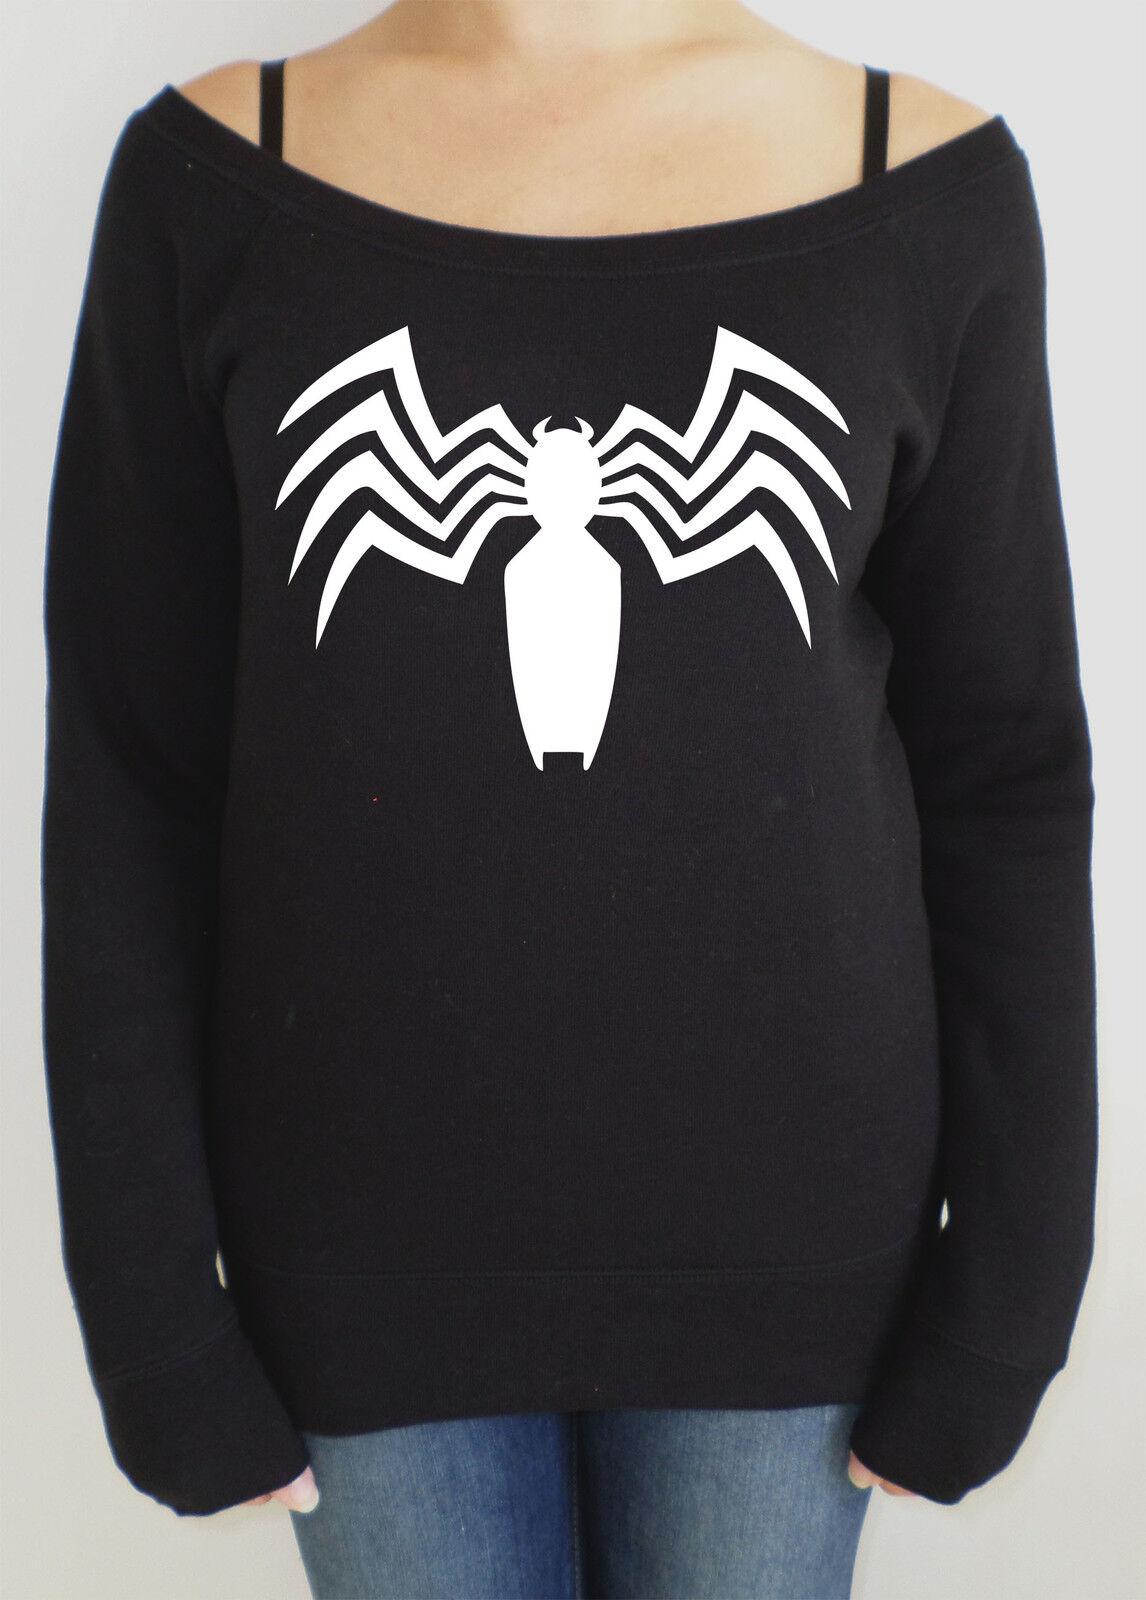 Venom from Spiderman logo women's slouch style baggy sweatshirt.